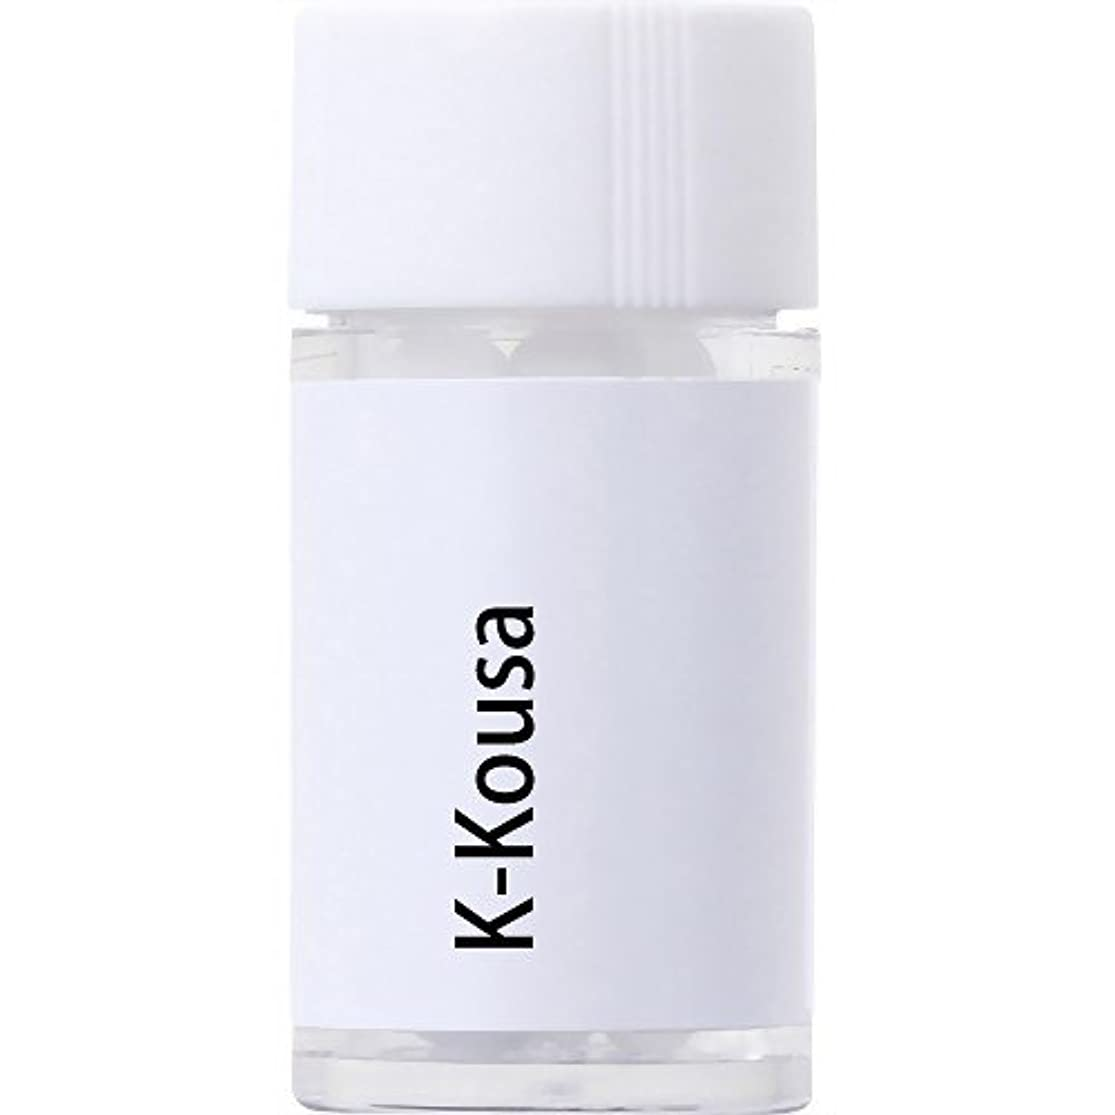 資本主義実験をする繁栄するホメオパシージャパンレメディー K-Kousa(小ビン)